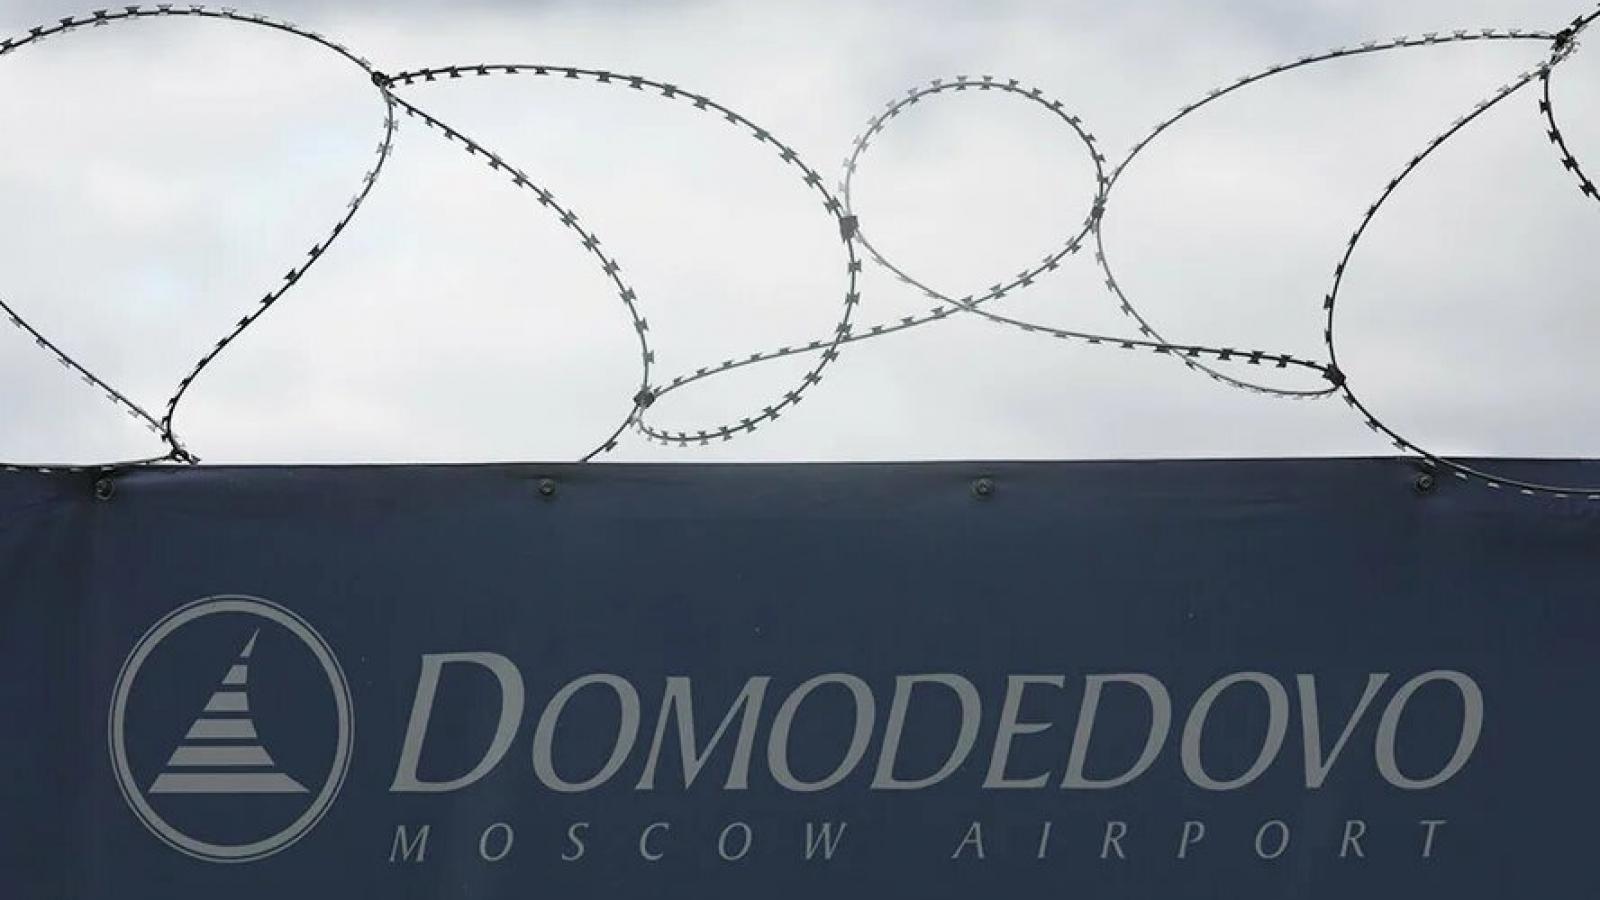 Hơn 160 chuyến bay bị hoãn hoặc hủy tại các sân bay ở Moscow do mưa băng